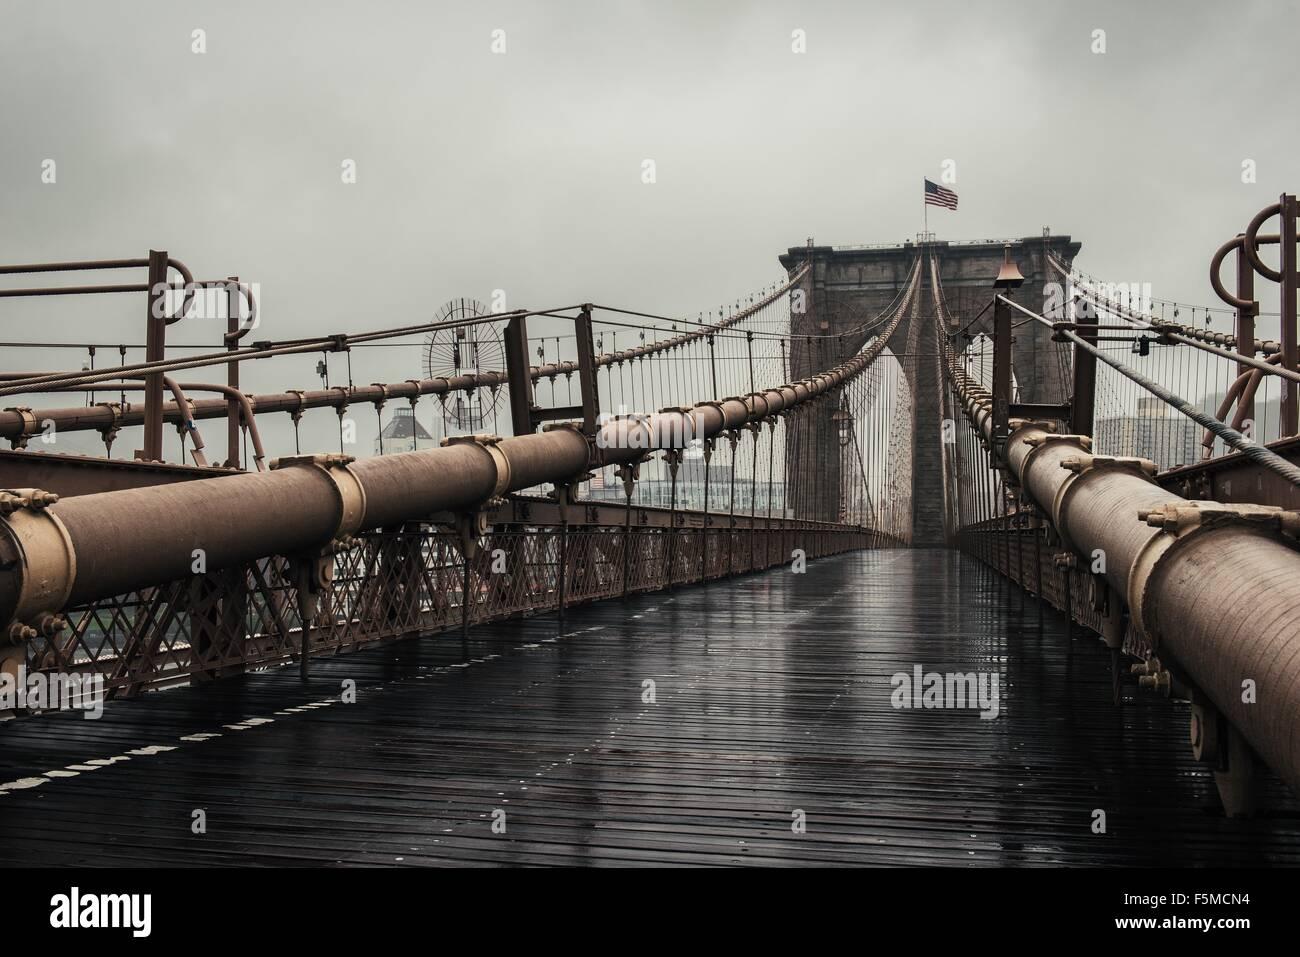 Vista de la pasarela en el puente de Brooklyn, Nueva York, EE.UU. Imagen De Stock